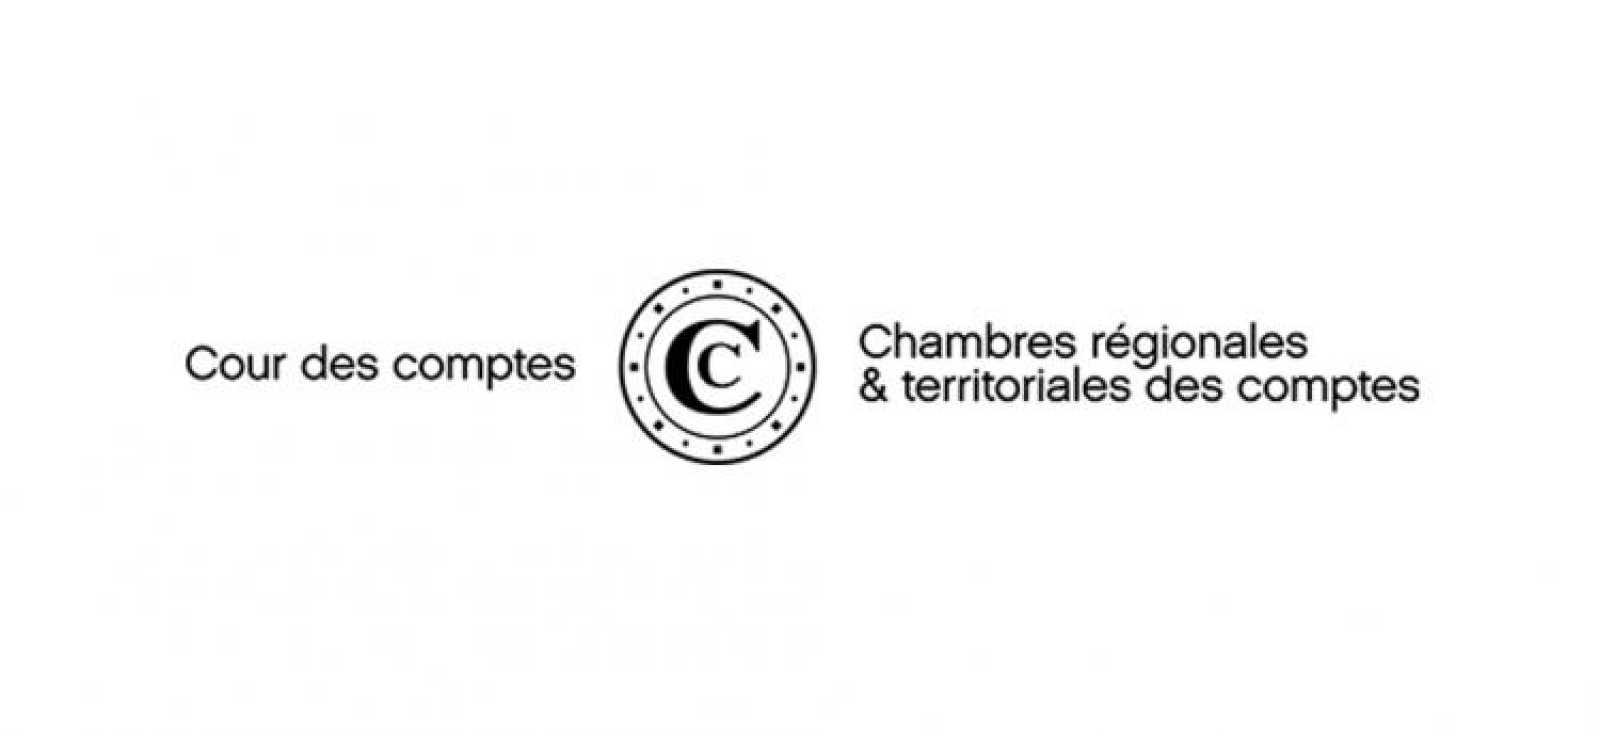 Rapport de la chambre r gionale des comptes sur ametyst - Chambre regionale des comptes recrutement ...